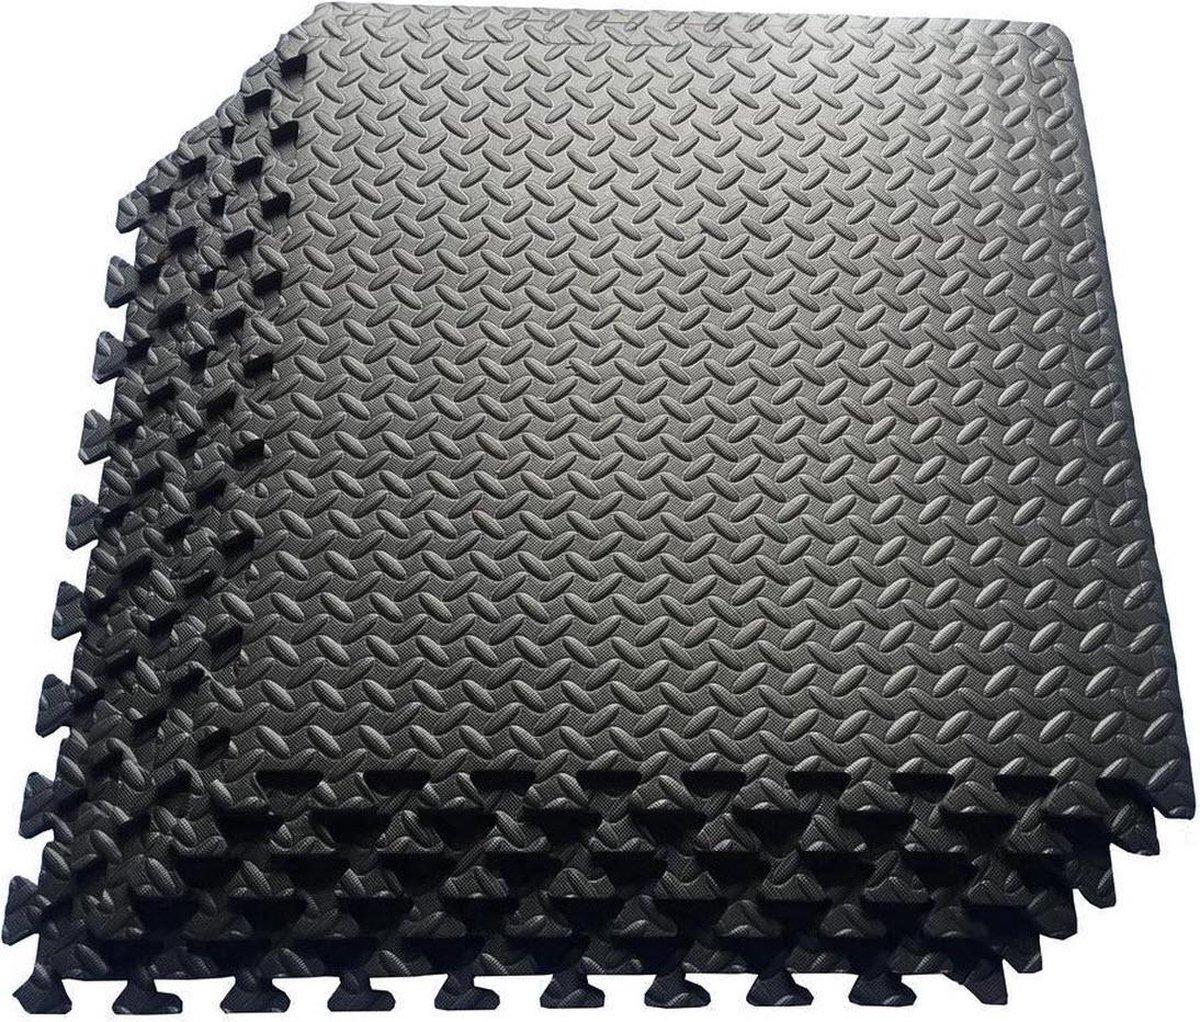 zwembad onderhoud - 6 tegels - zwembad tegels - ondertegels - ondervloer - grondzeil - fitness mat -